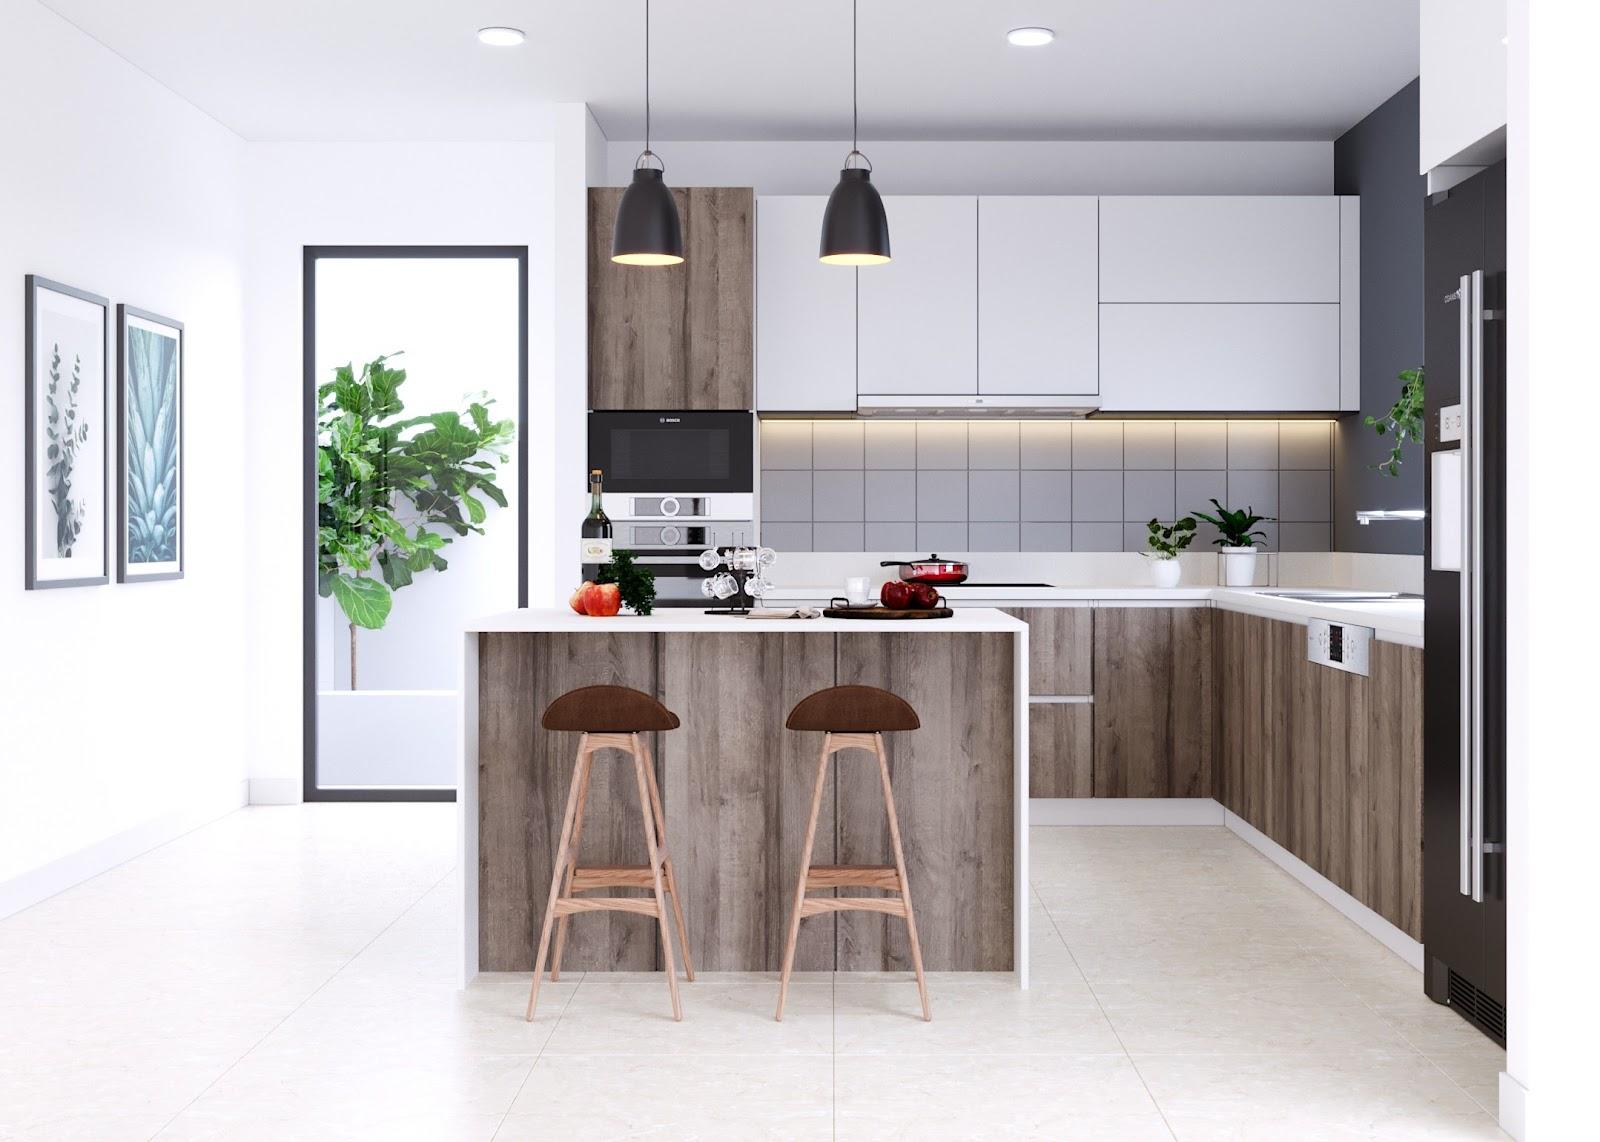 Kiến trúc nội thất bếp mang phong cách hiện đại